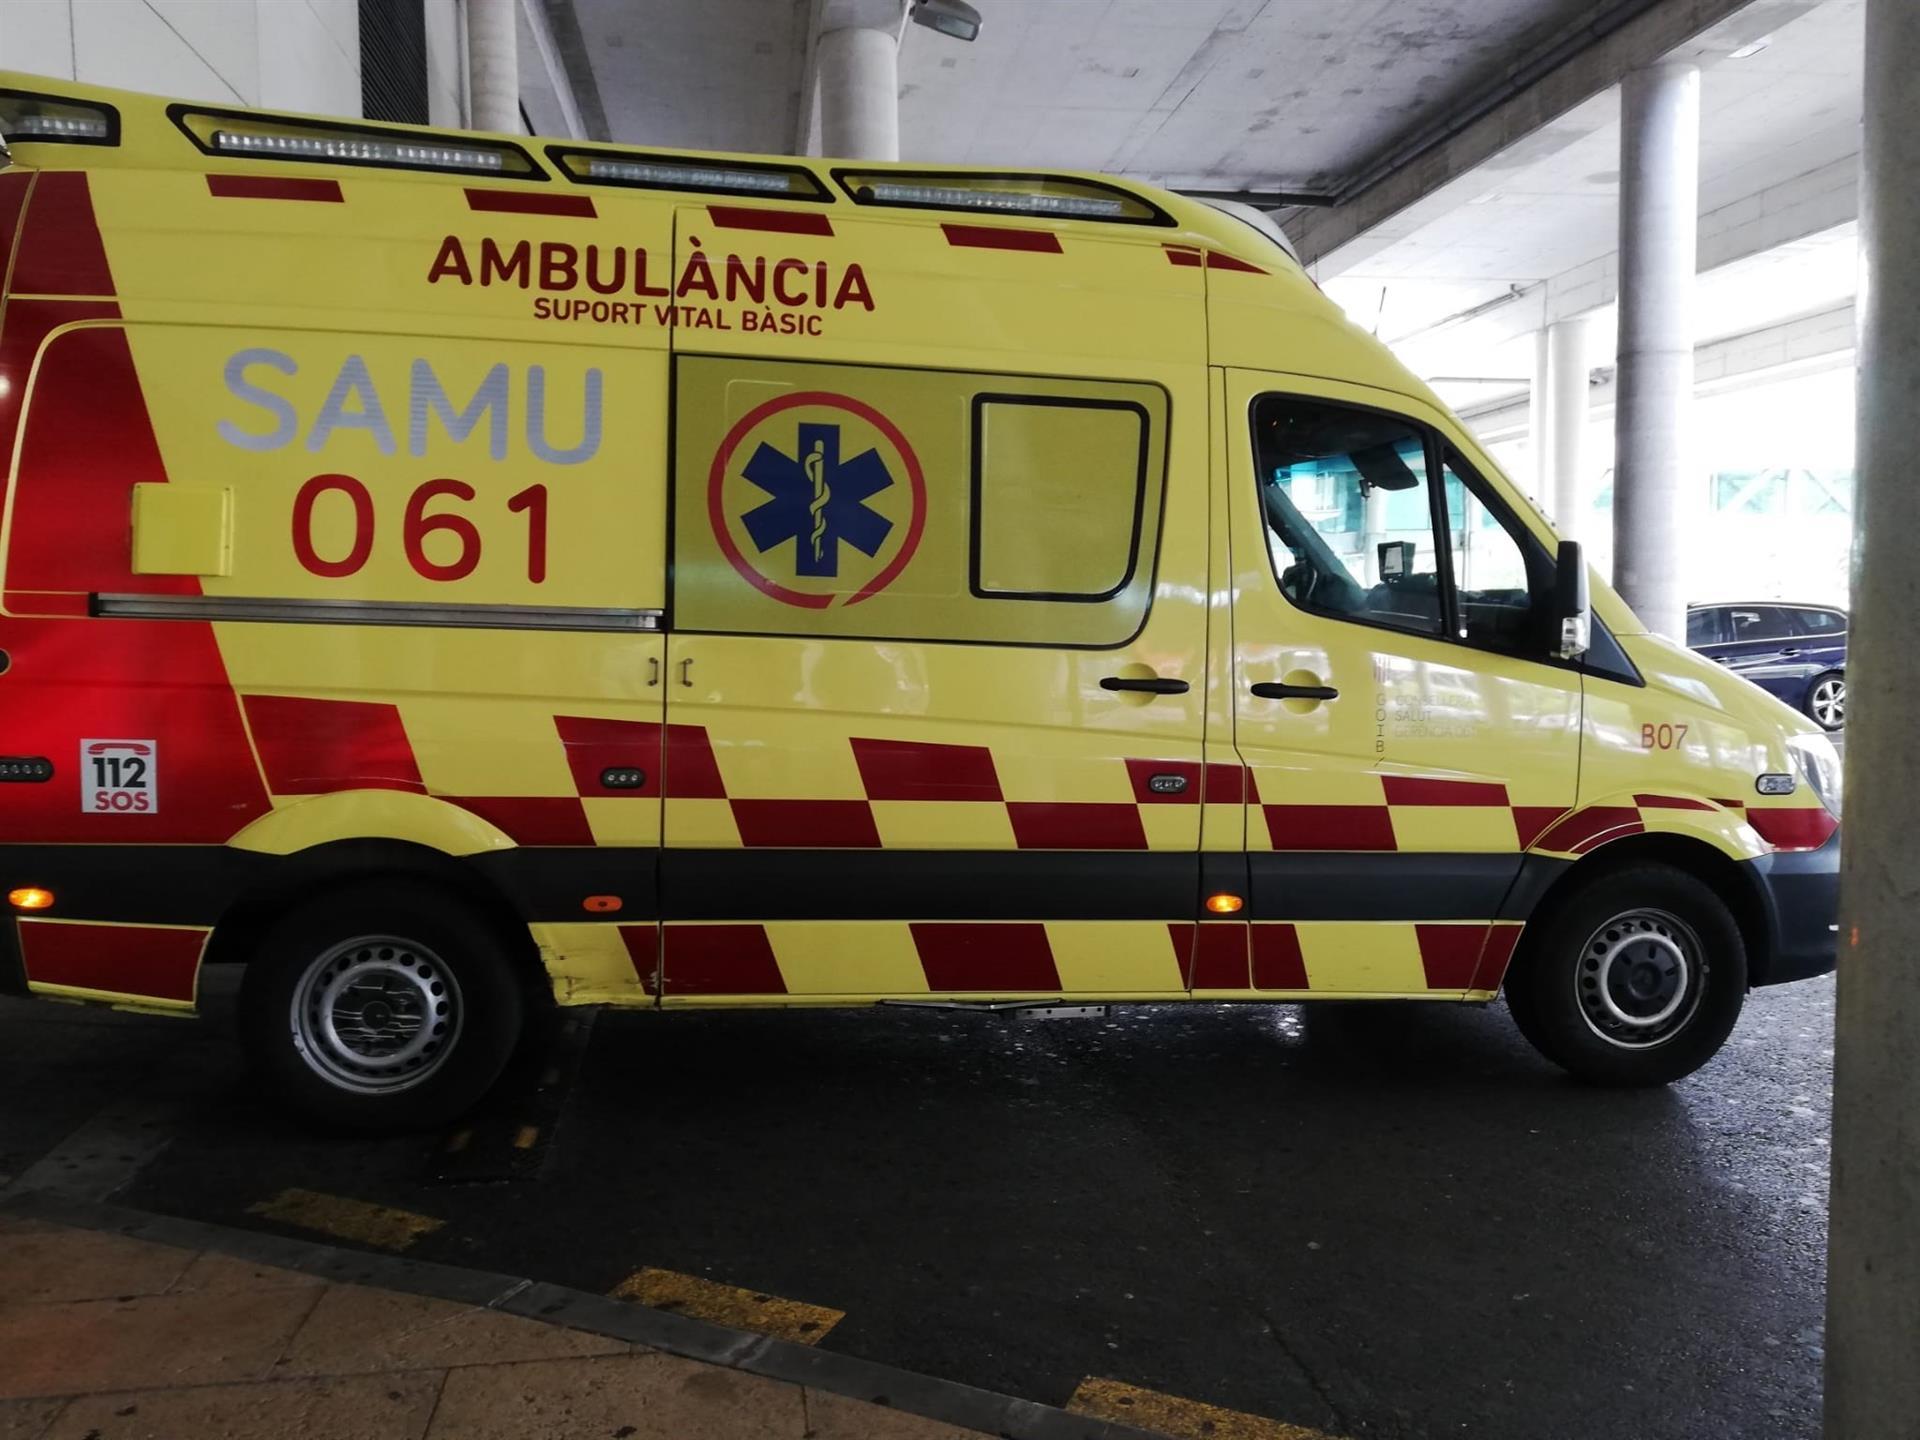 Une ambulance à l'hôpital Son Espases, à laquelle l'un des v